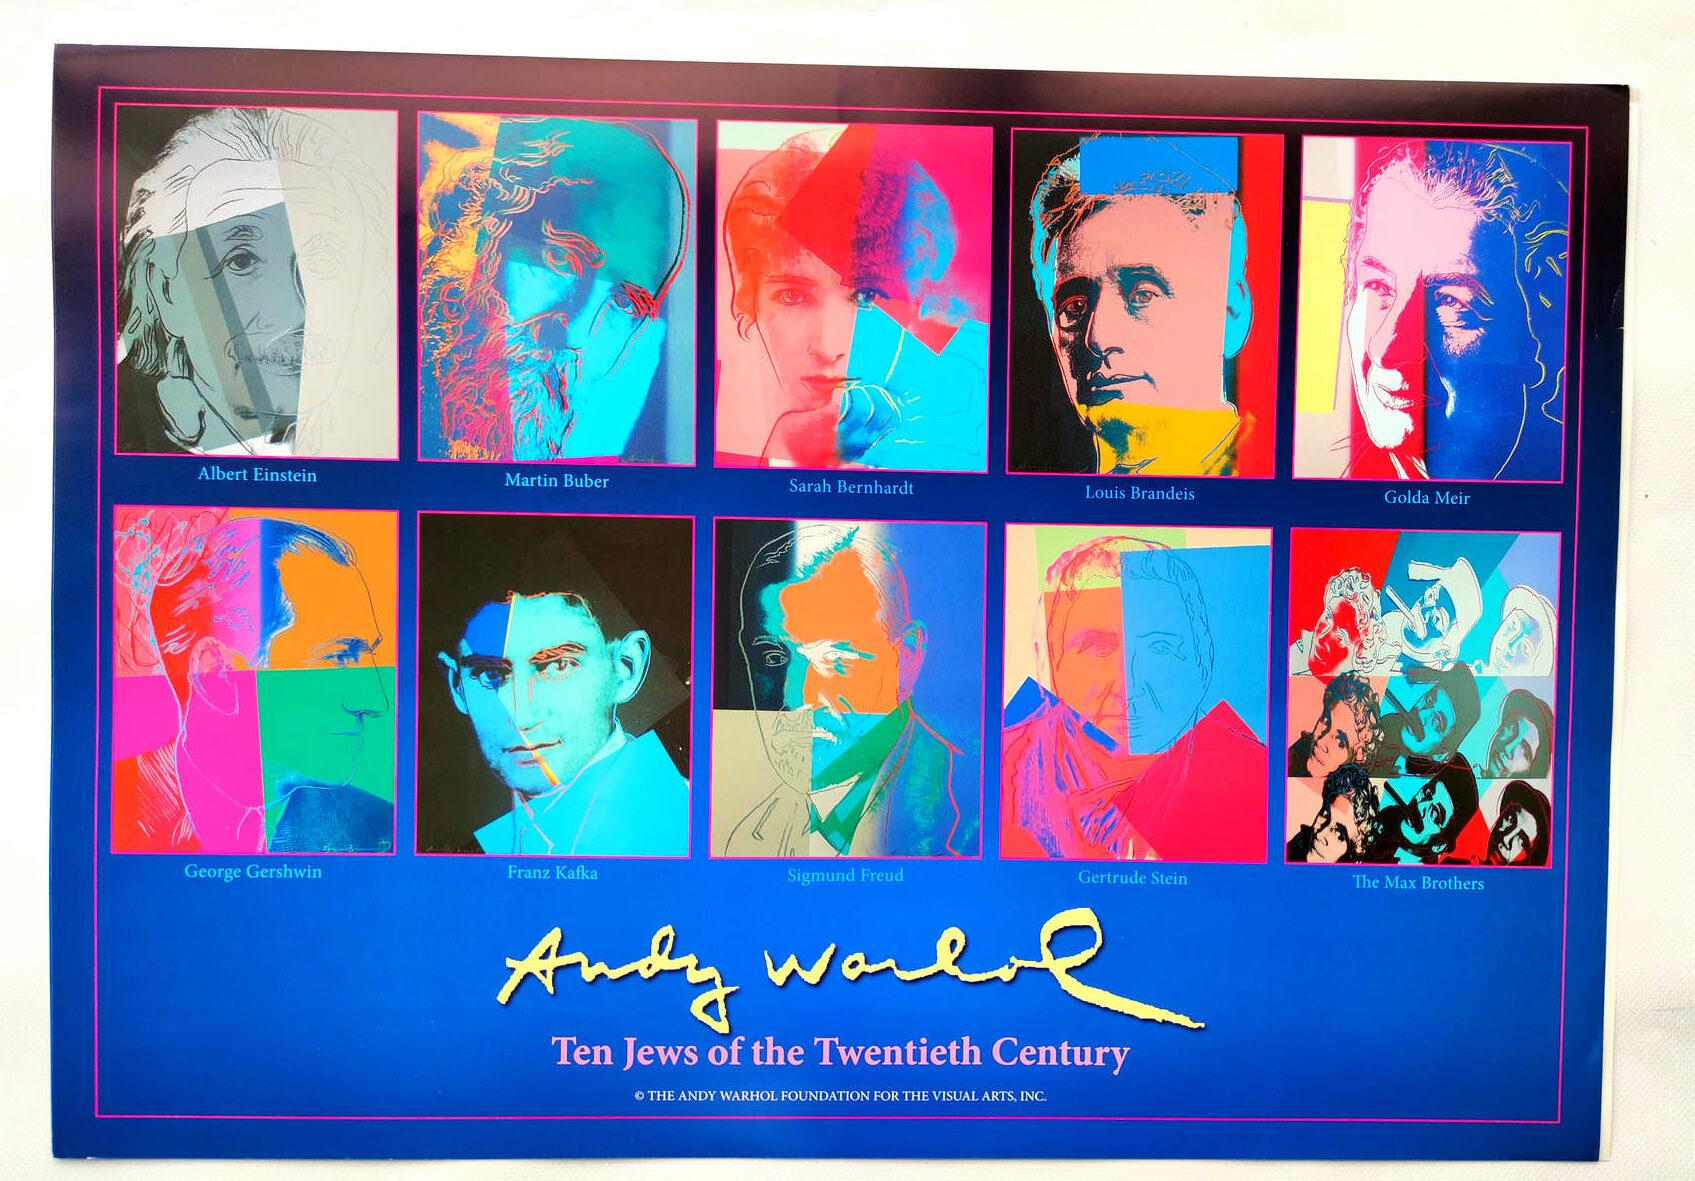 Zehn Selbstbildnisse von Juden des XX. Jahrhunderts, Poster, (c) the Andy Warhol Foundation for The Visual Arts, Inc., Kunstposter mit Spnede für gemeinnütziges Engagement, mit freundlicher Genehmigung der AKIM e.V.